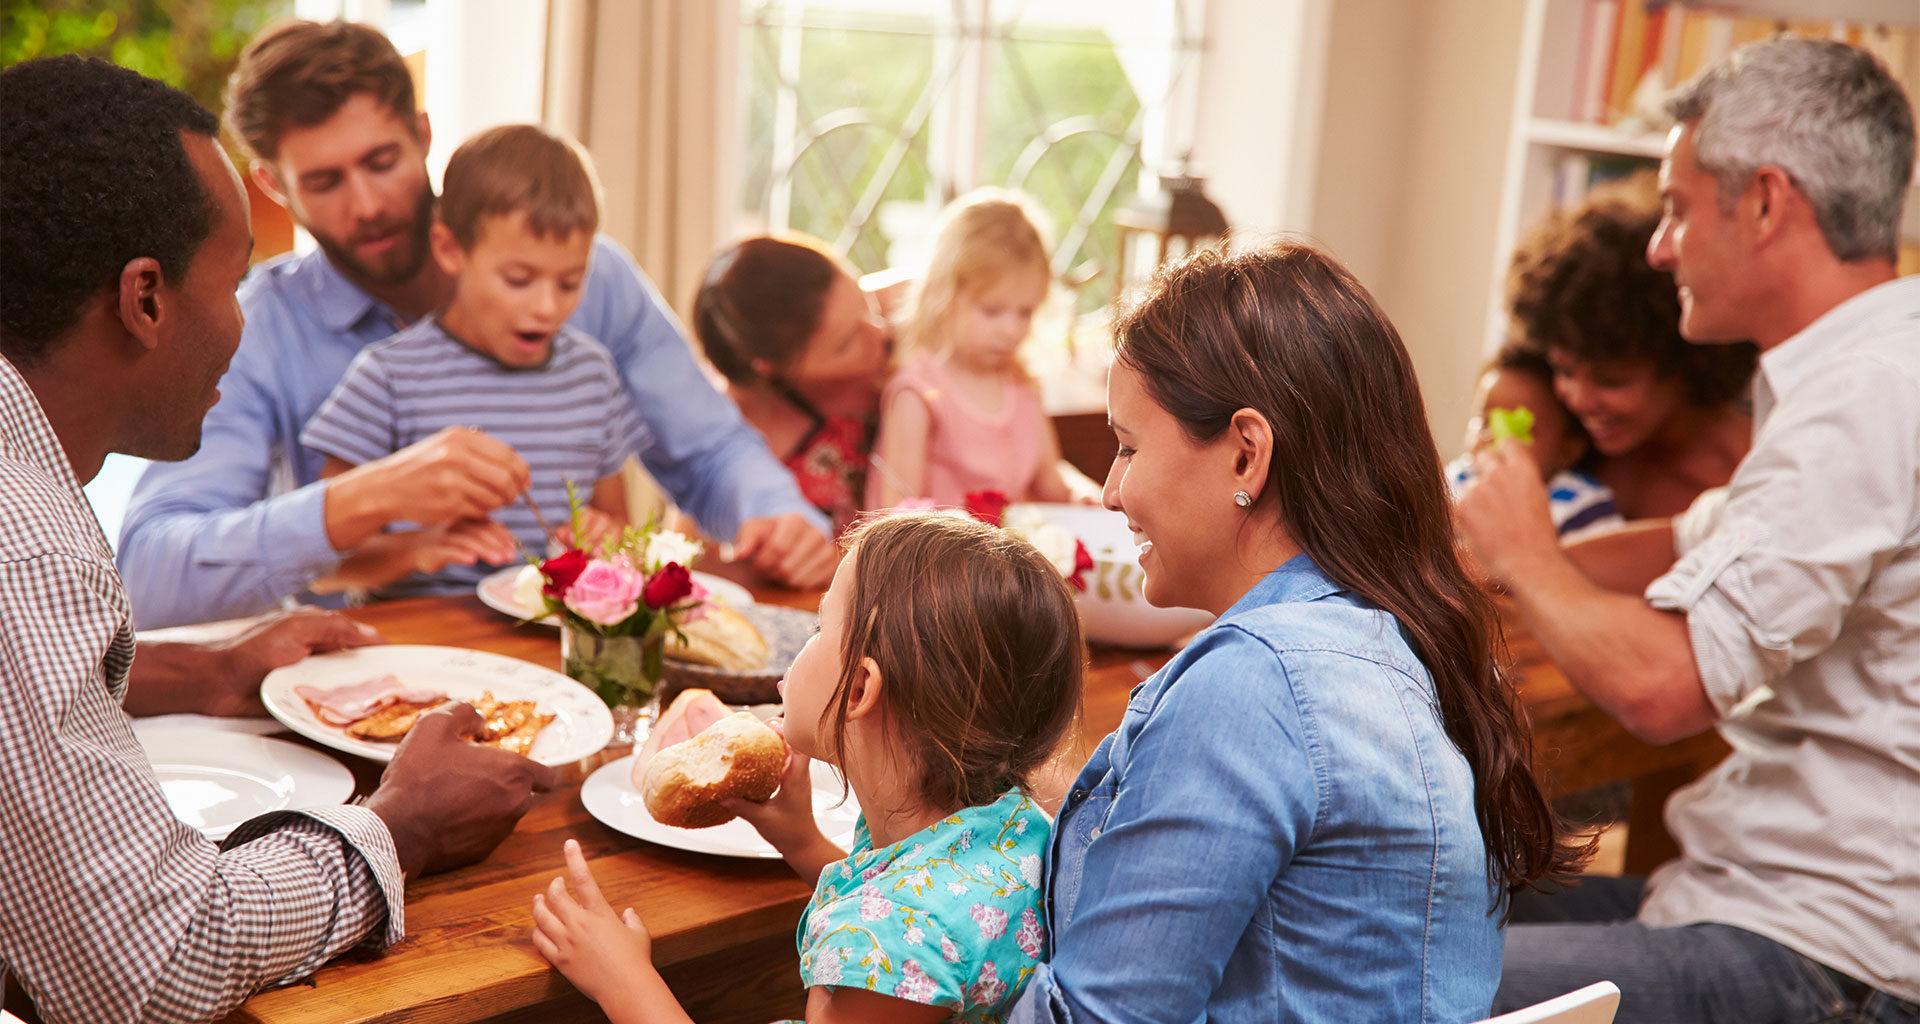 общение семьи за столом